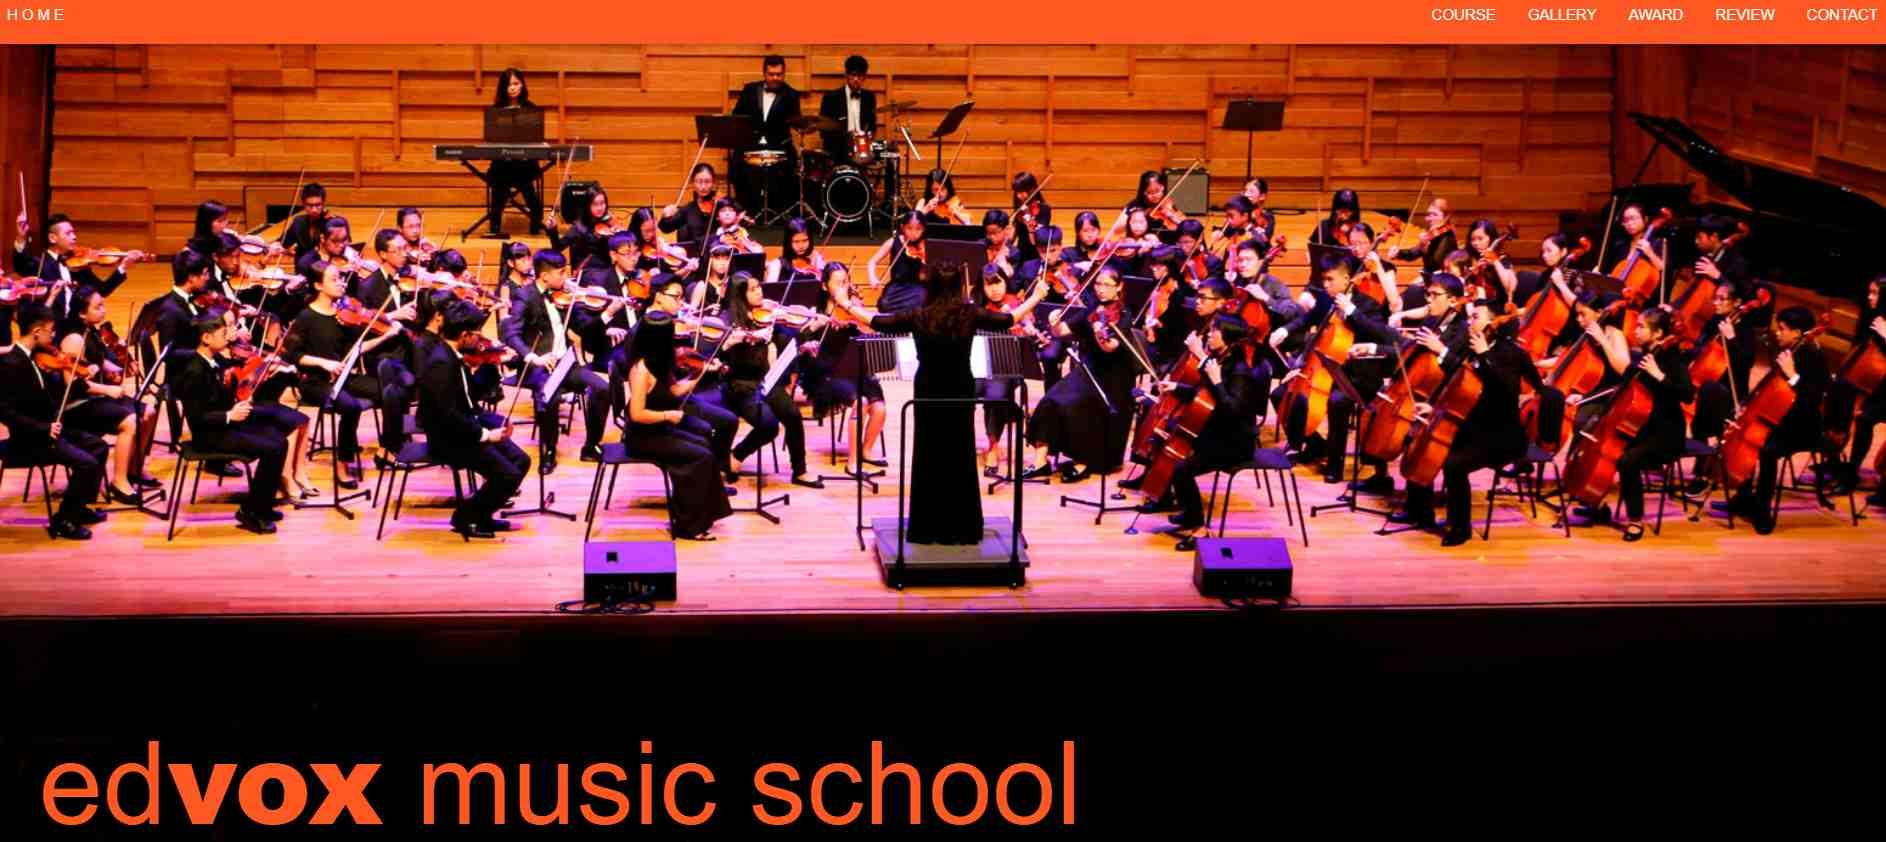 edvox Top Music Schools in Singapore